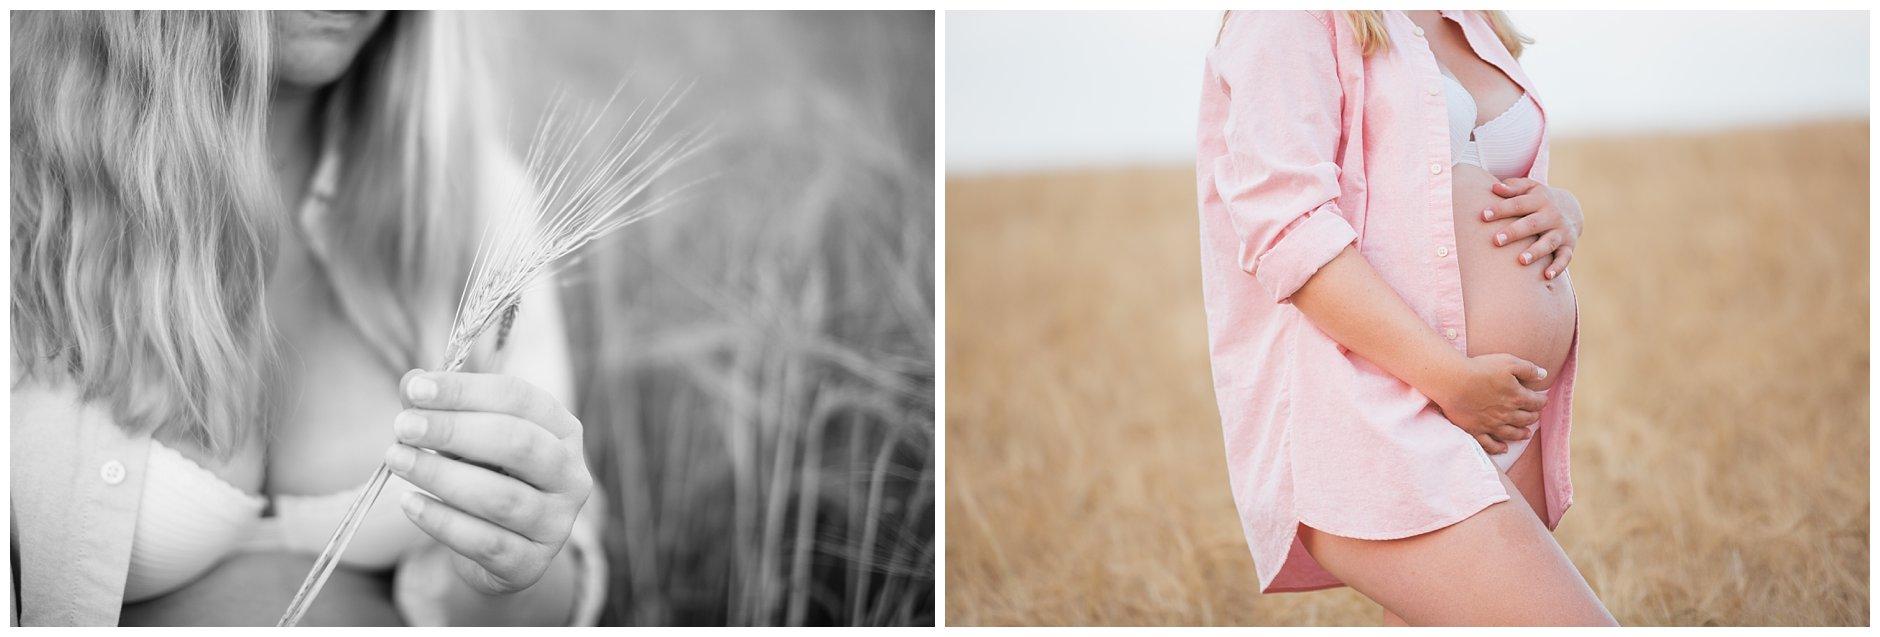 Gravidfotografering i kornåker høst